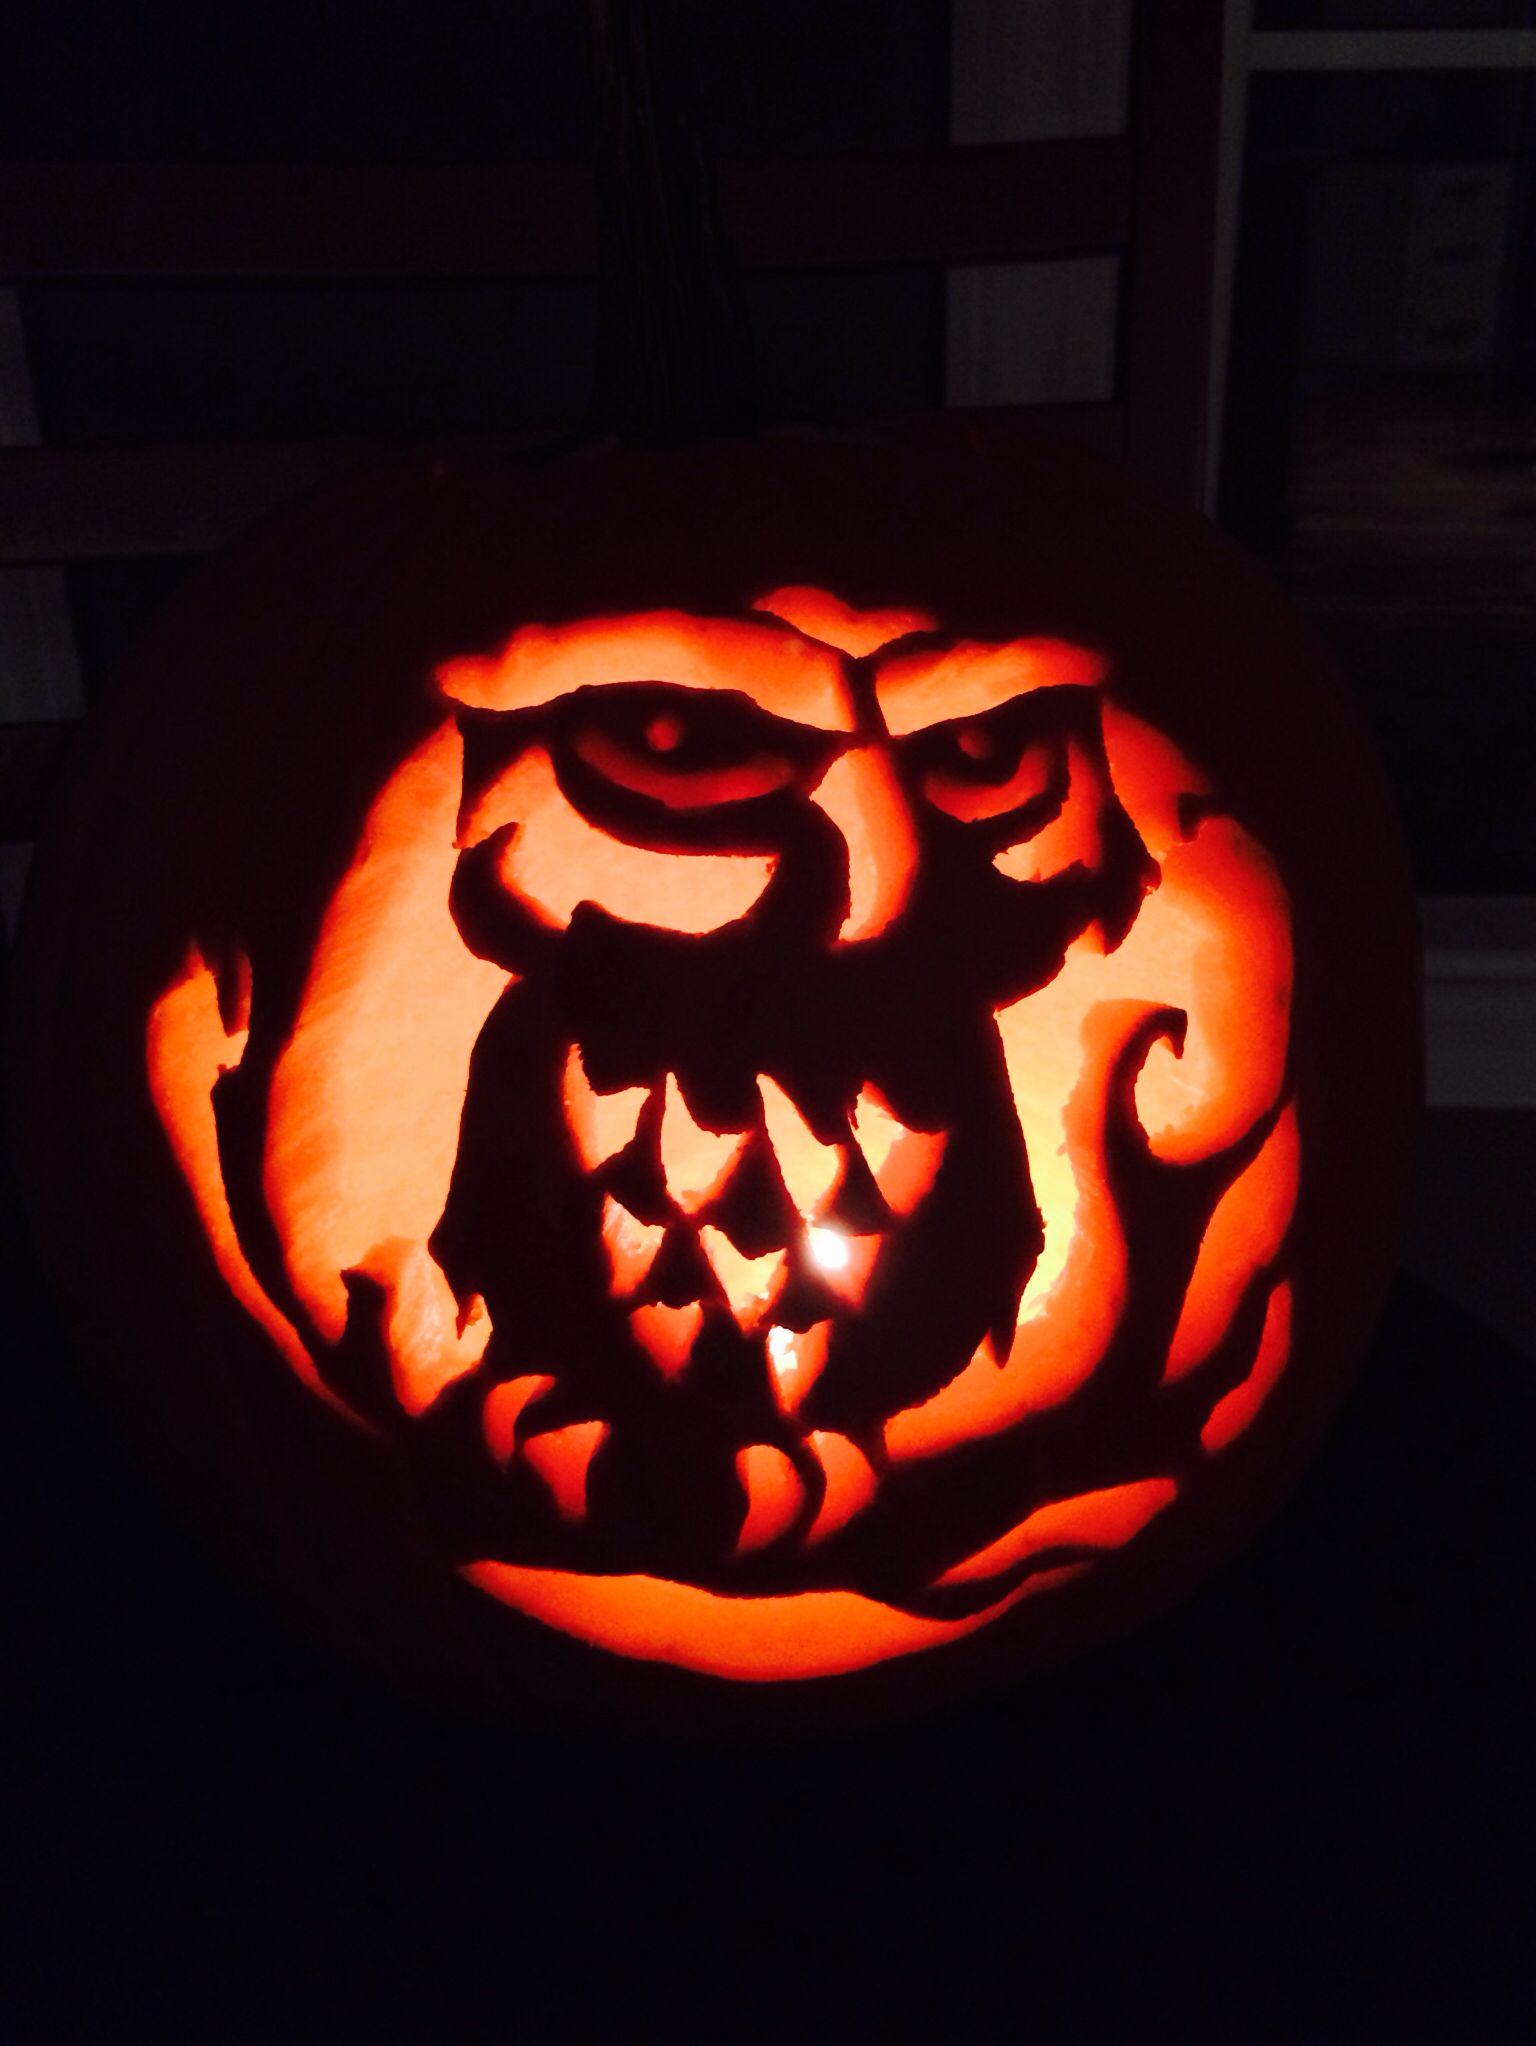 Owl Pumpkin Carving! Took me 3 hours haha